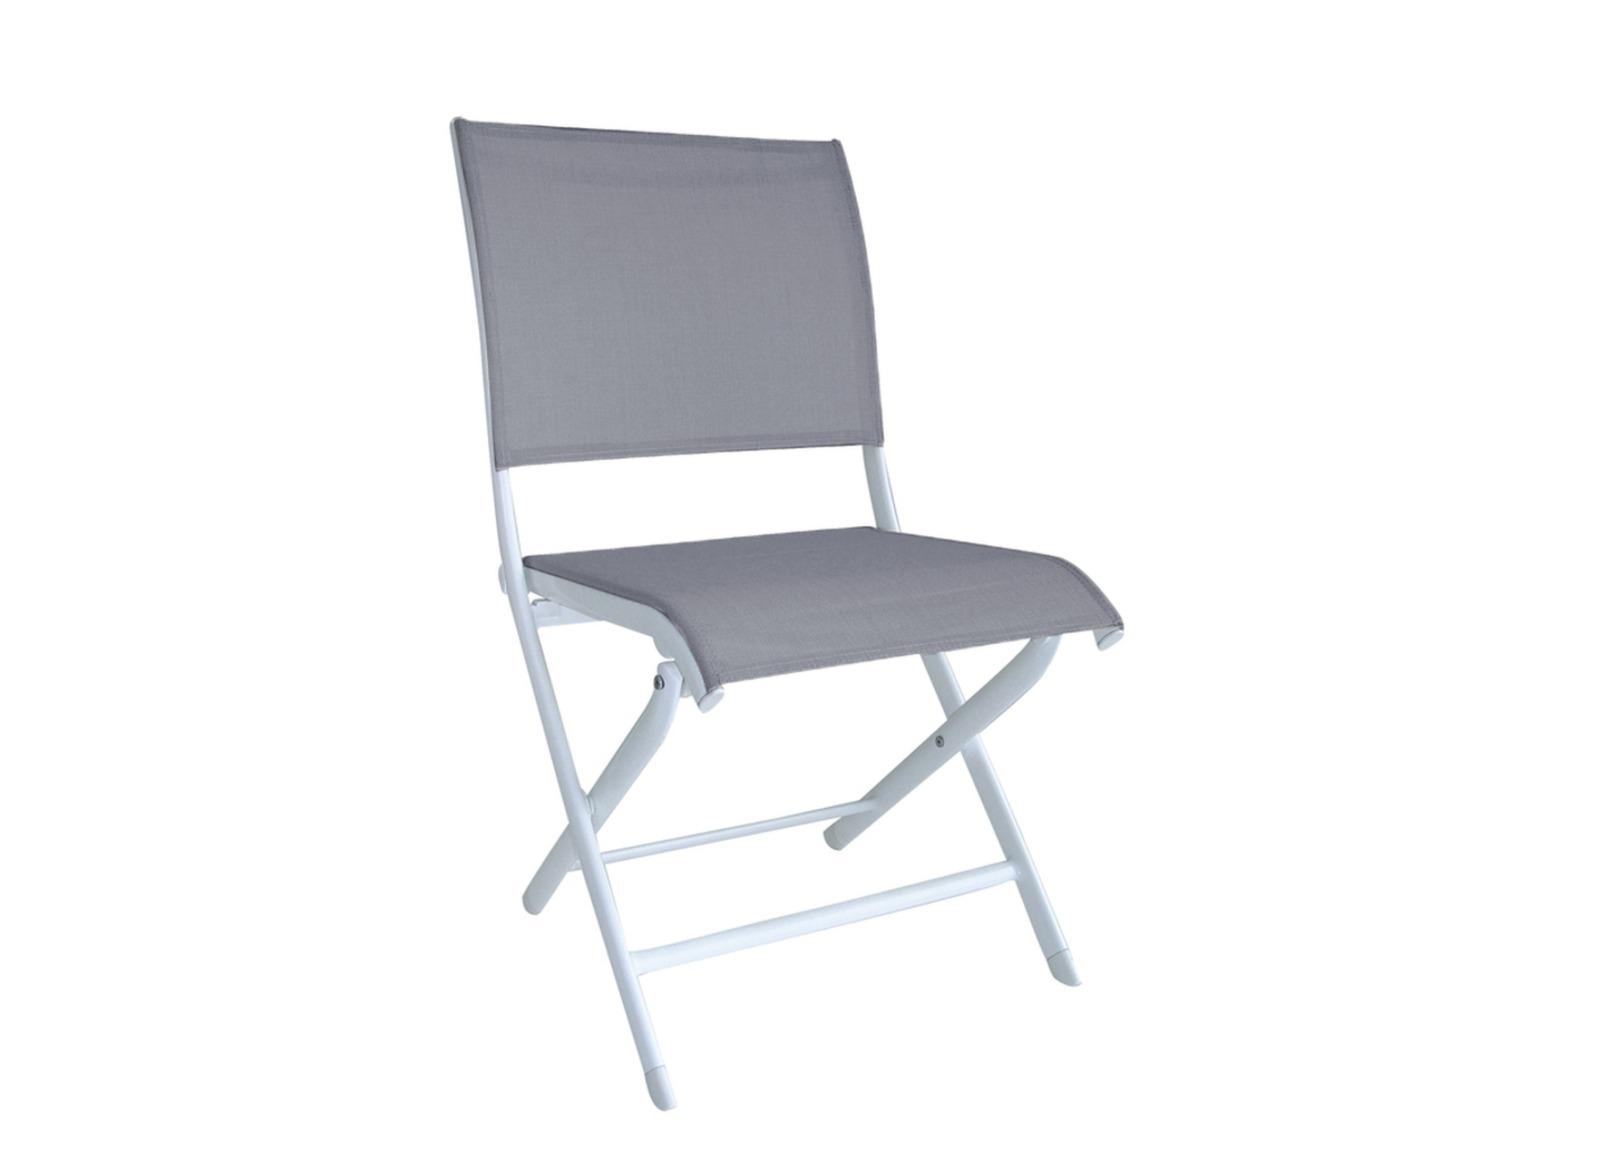 Chaise pliante de jardin alu et textilène Élégance Océo - Proloisirs